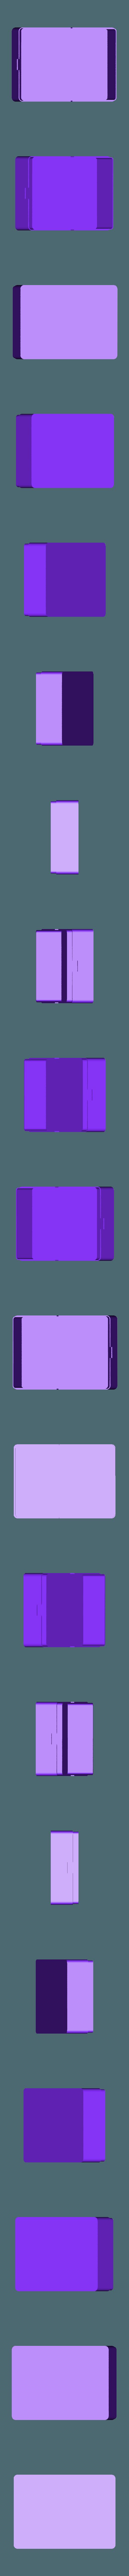 mage_wars_academy_card_holder_base.stl Télécharger fichier SCAD gratuit Porte-cartes/jeton de l'Académie Mage Wars • Plan à imprimer en 3D, ksuszka